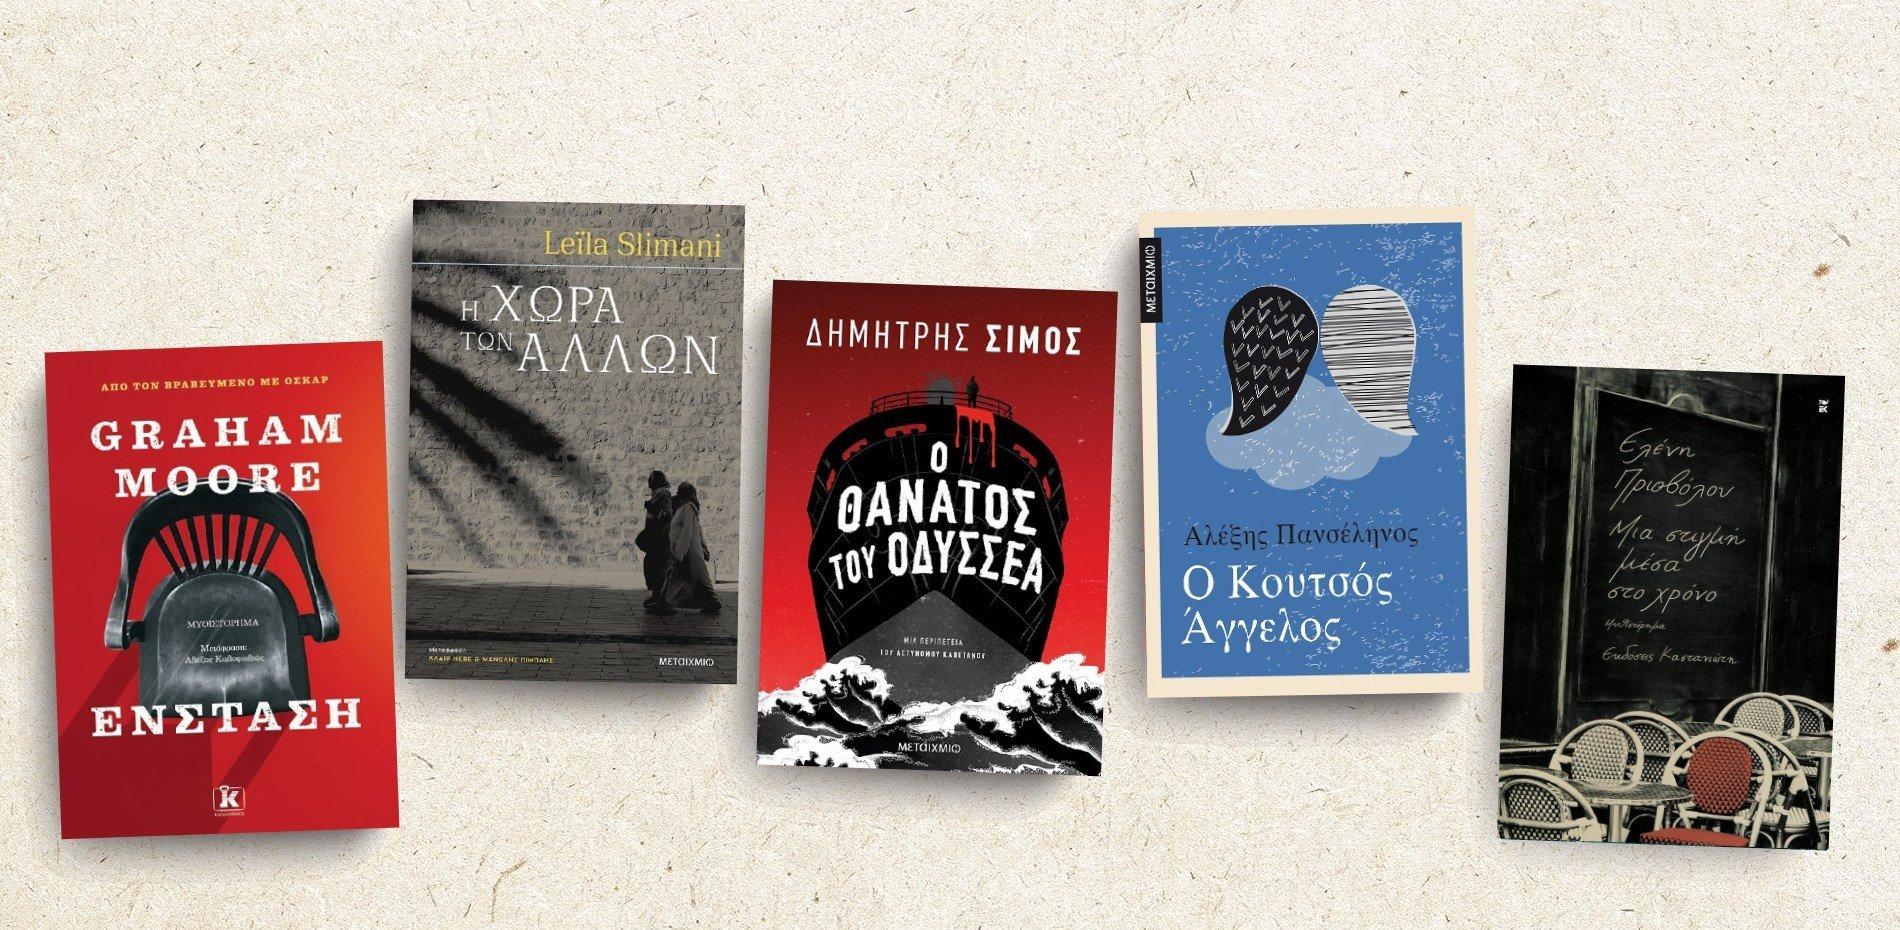 Βιβλία για όλους